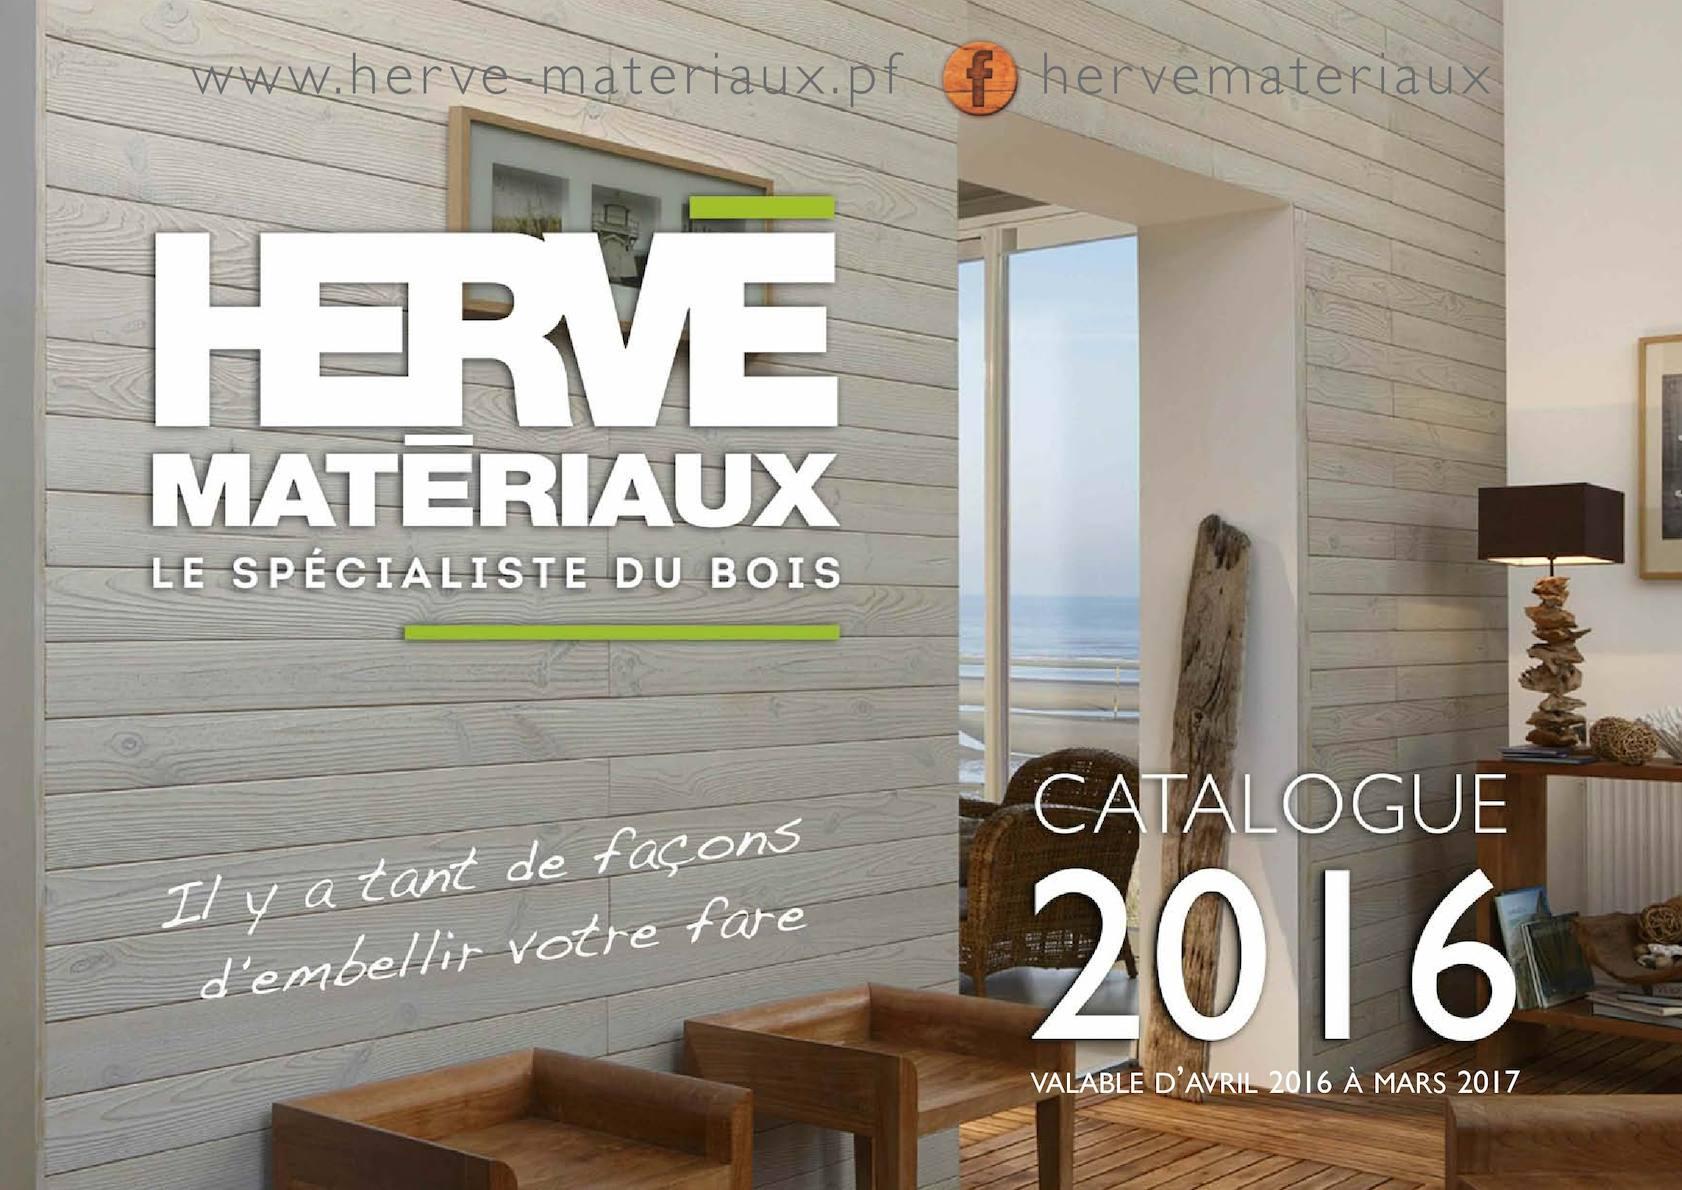 Calaméo Catalogue Herve Materiaux 2016